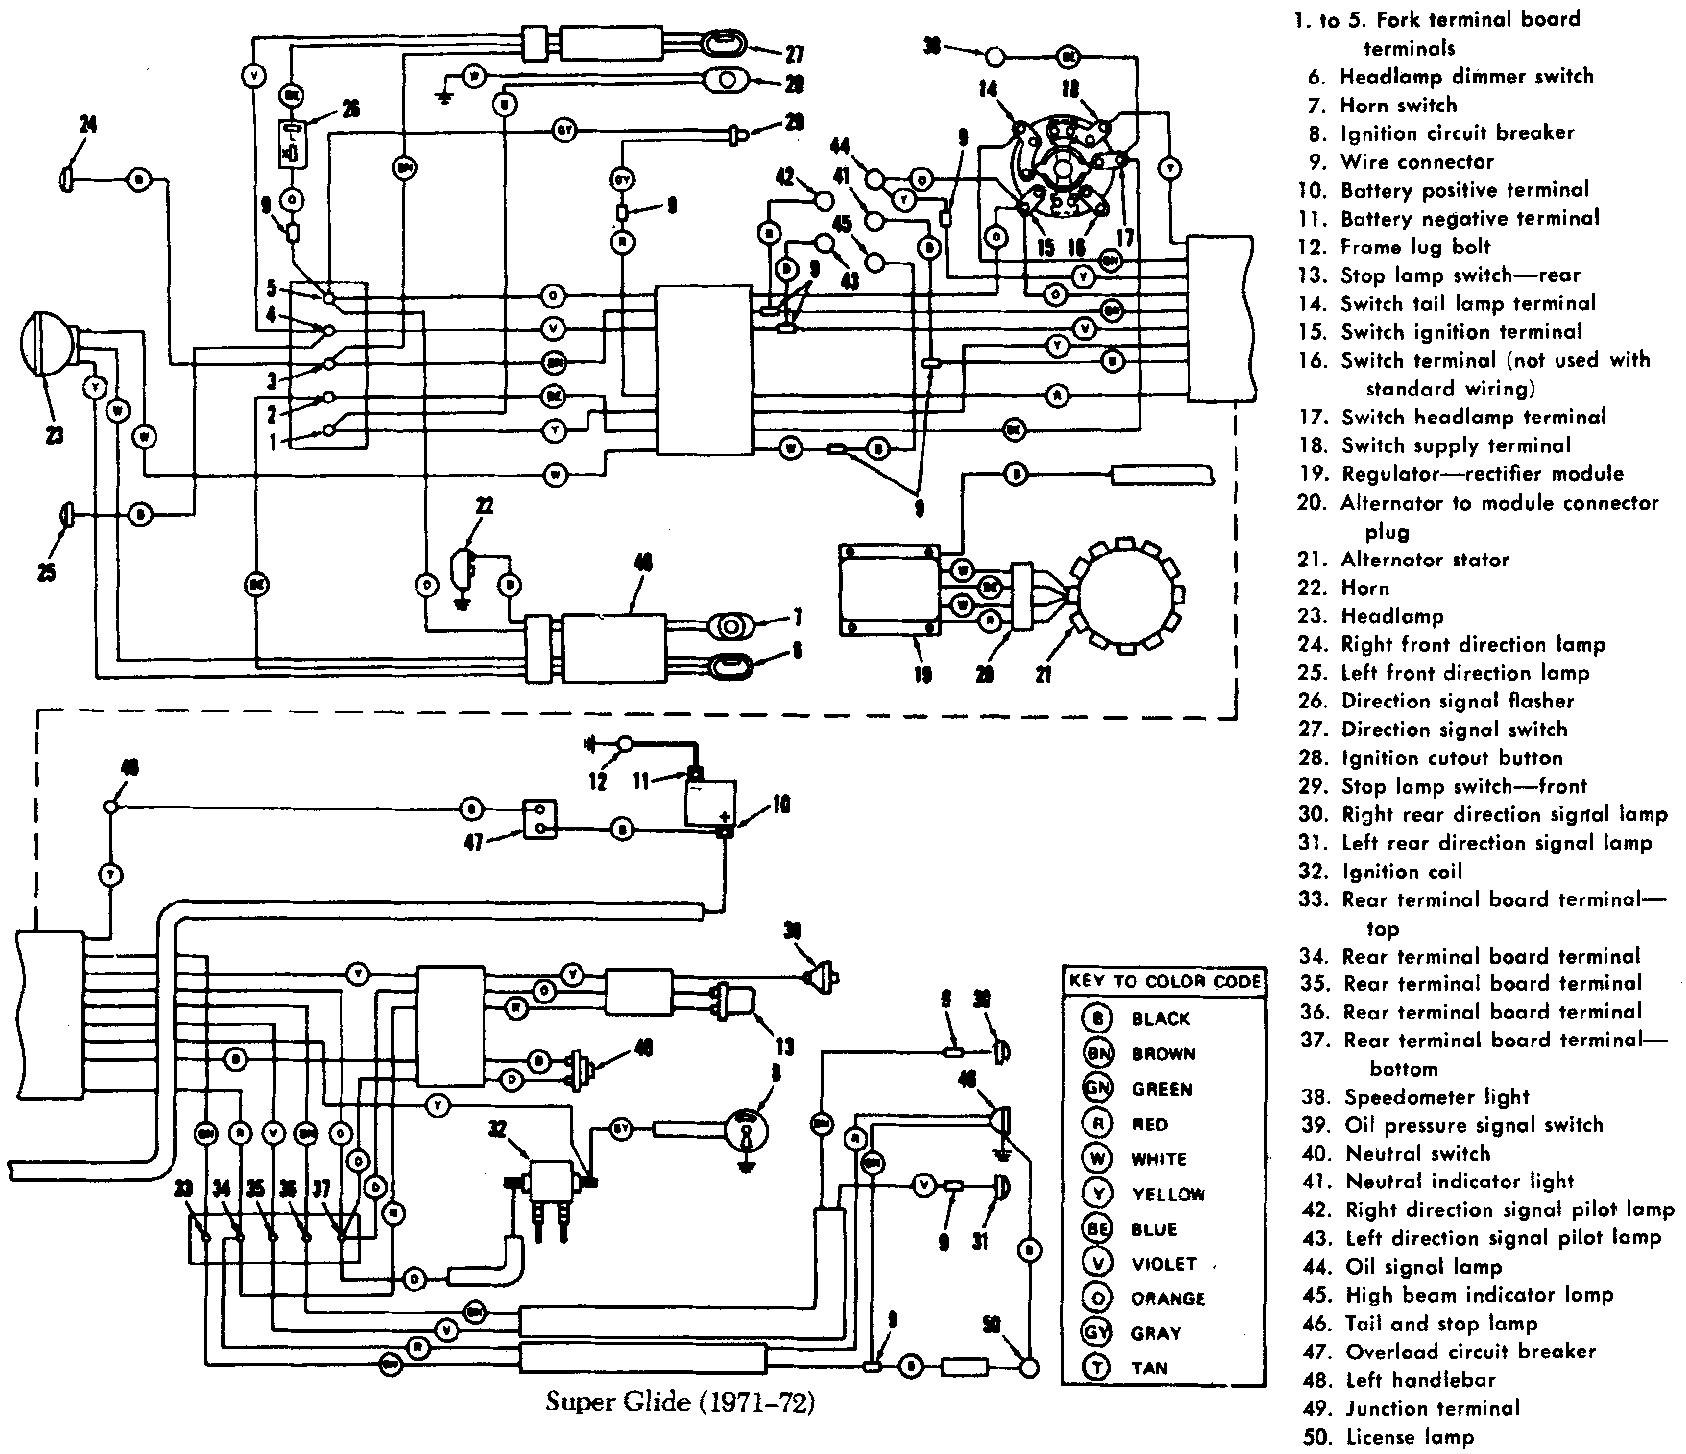 Ideas Wiring Diagram Harley Davidson Big Twin Wiring Diagrams For Harley 1974 Harley